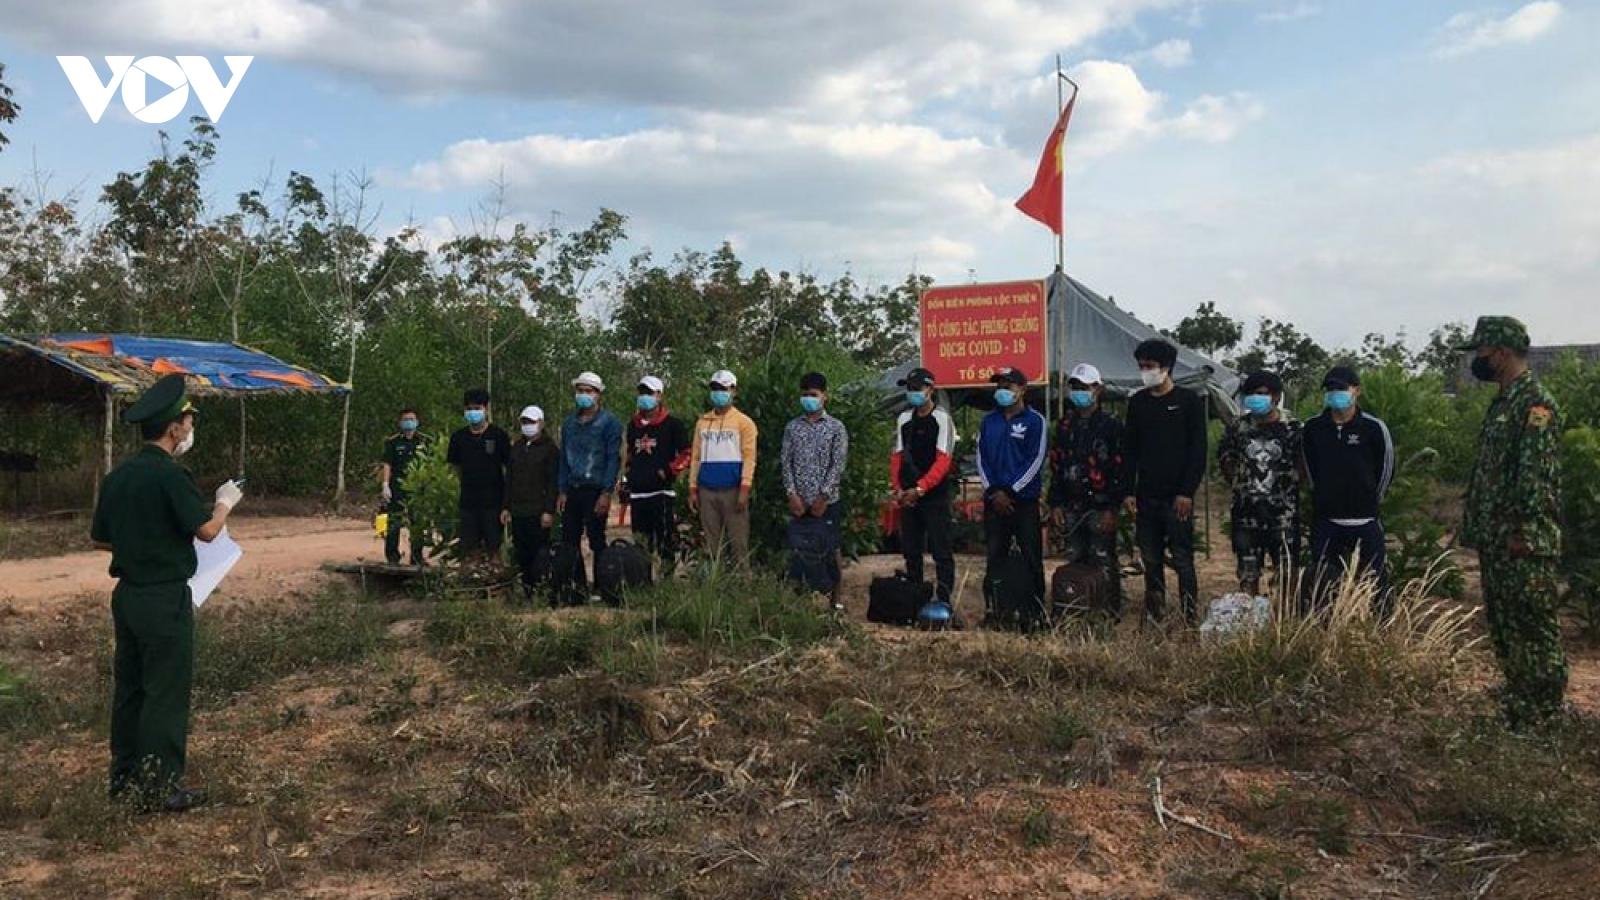 Bình Phước tăng cường kiểm soát hoạt động xuất nhập cảnh trên tuyến biên giới